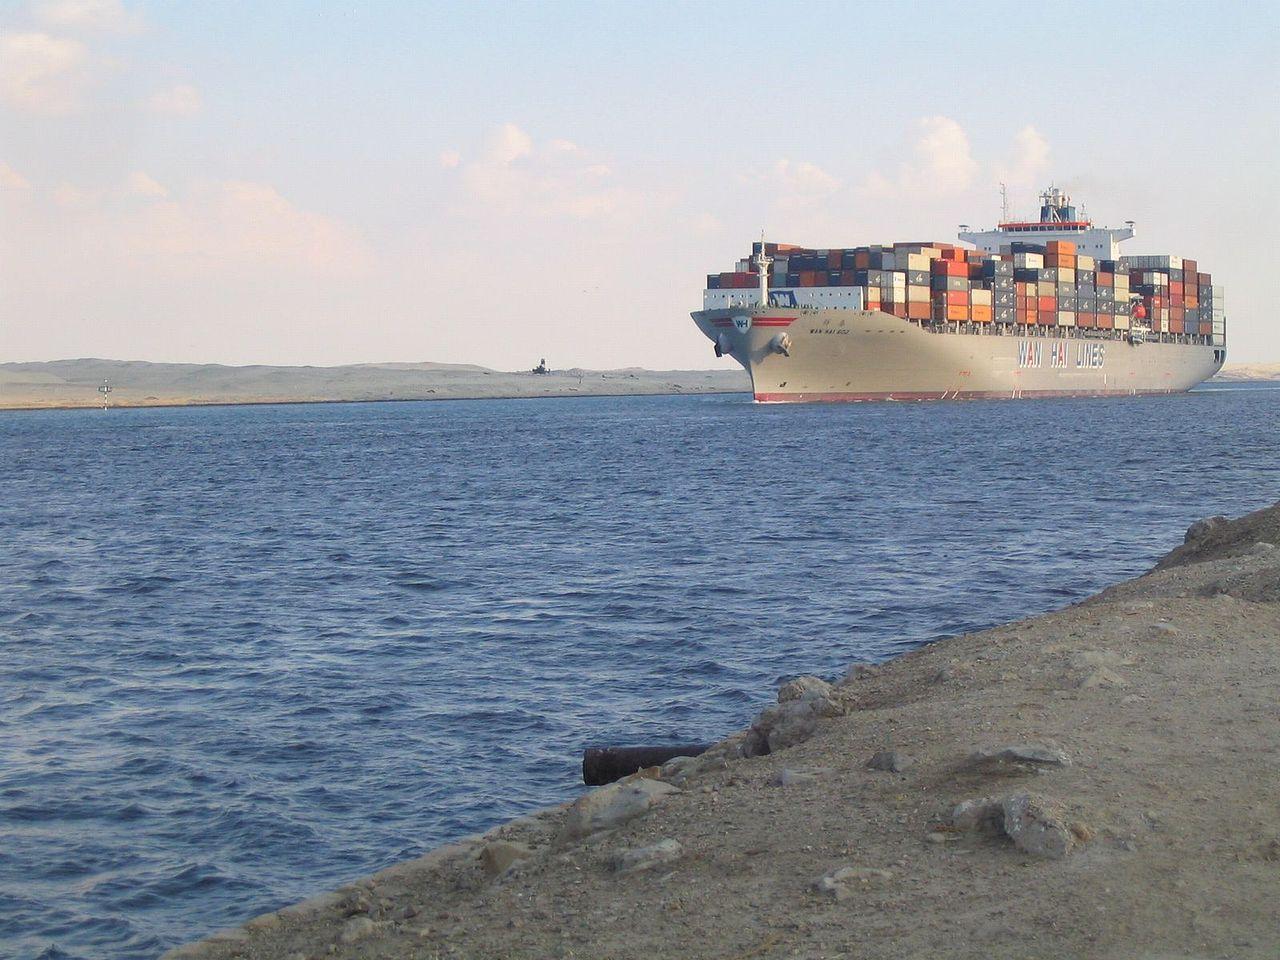 Global+Economy+-+Cargo+Ship+Suez+Canal.JPG